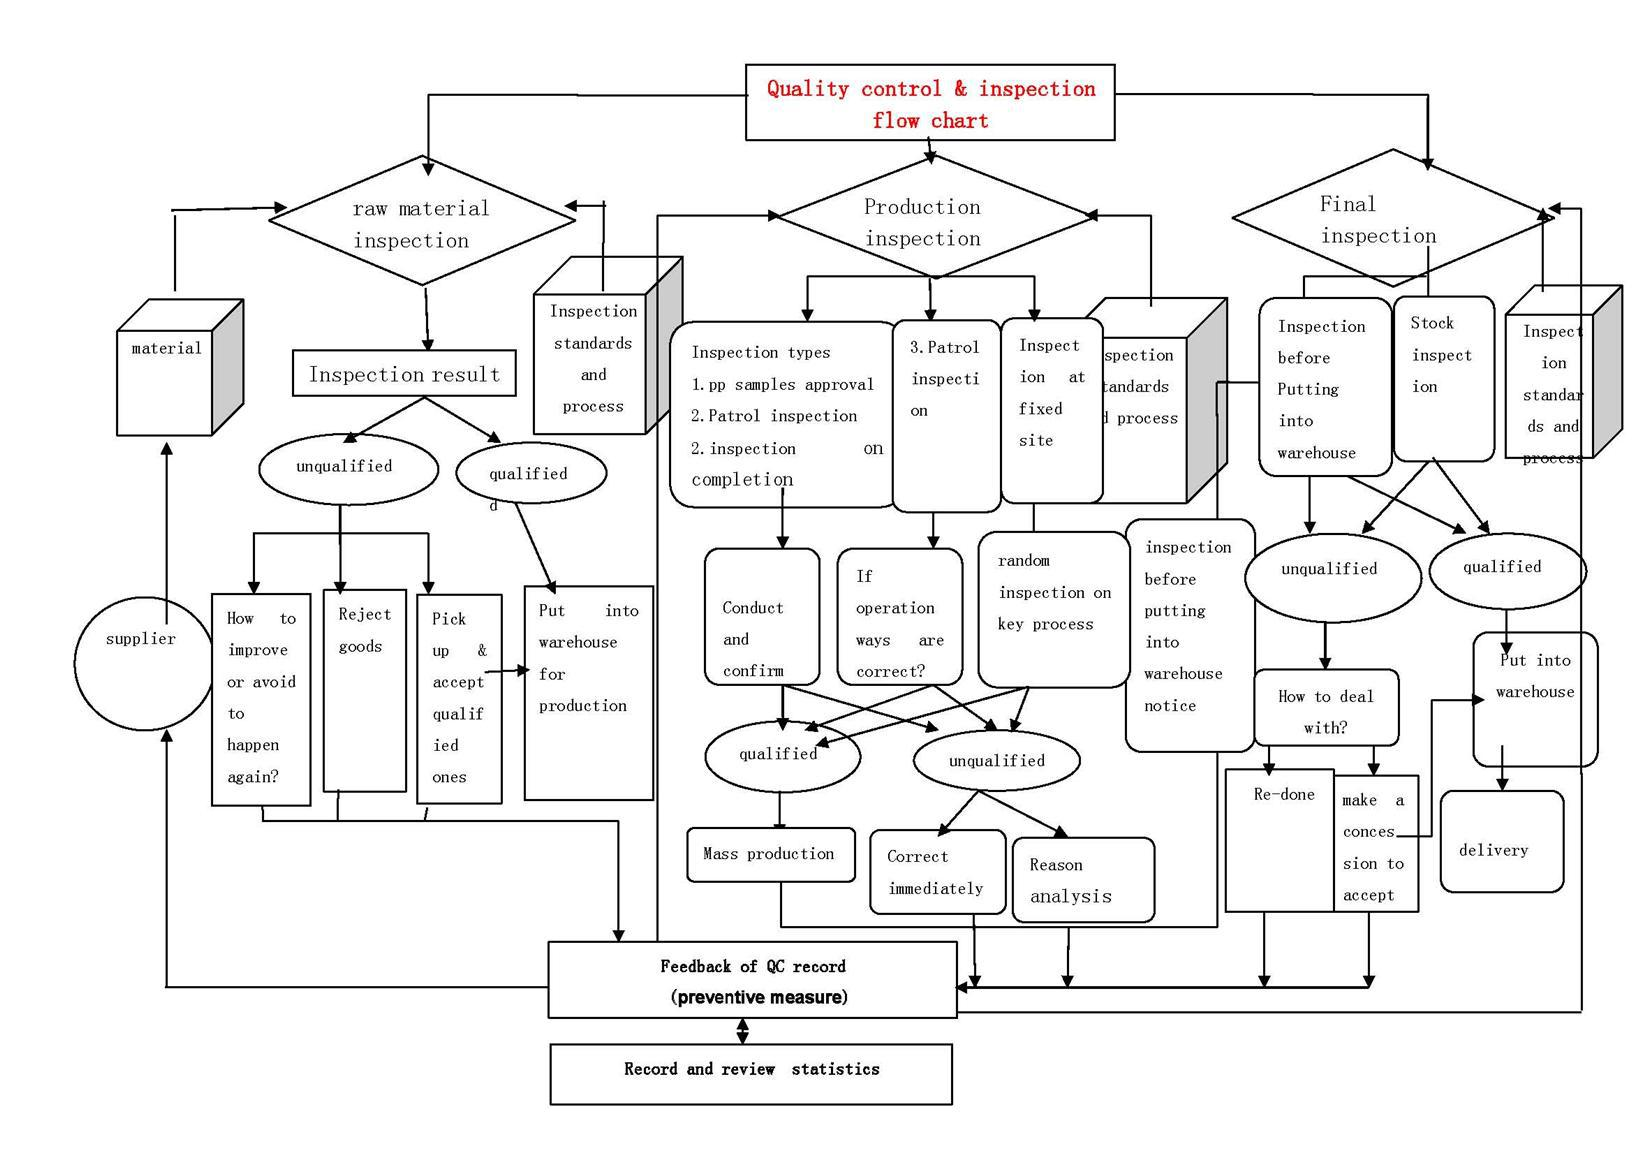 order management process flow diagram